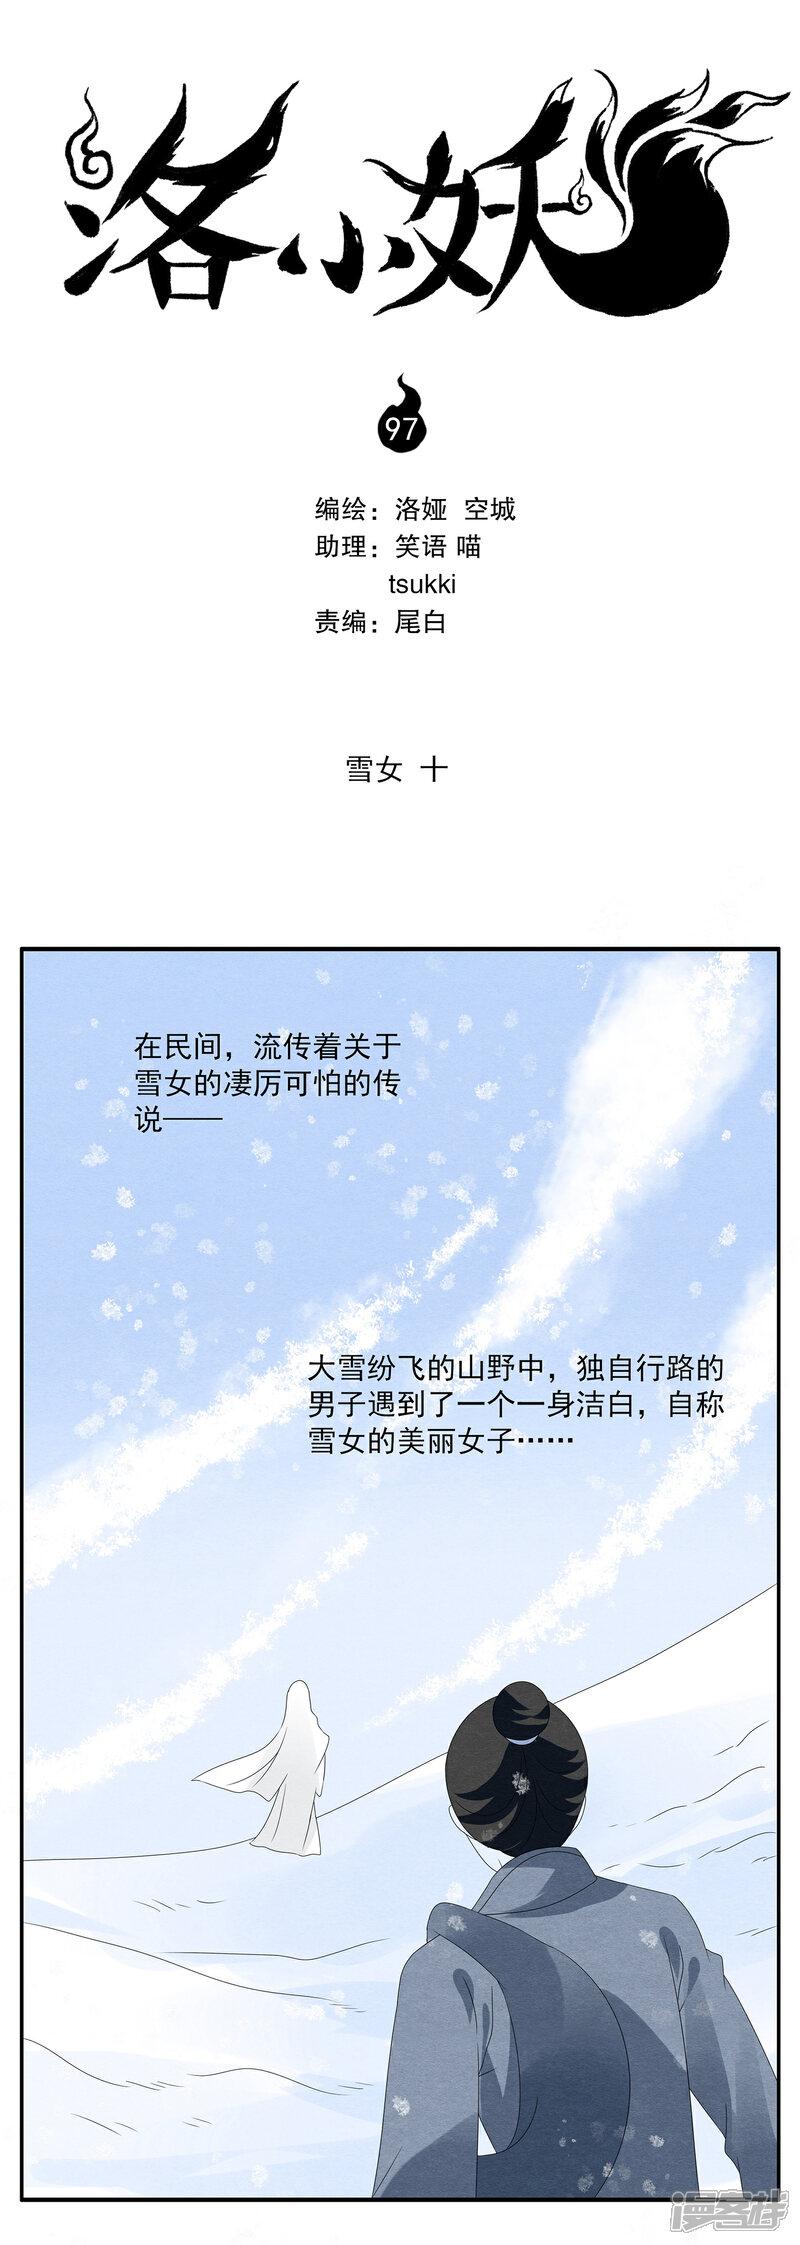 洛小妖96970008-1.jpg